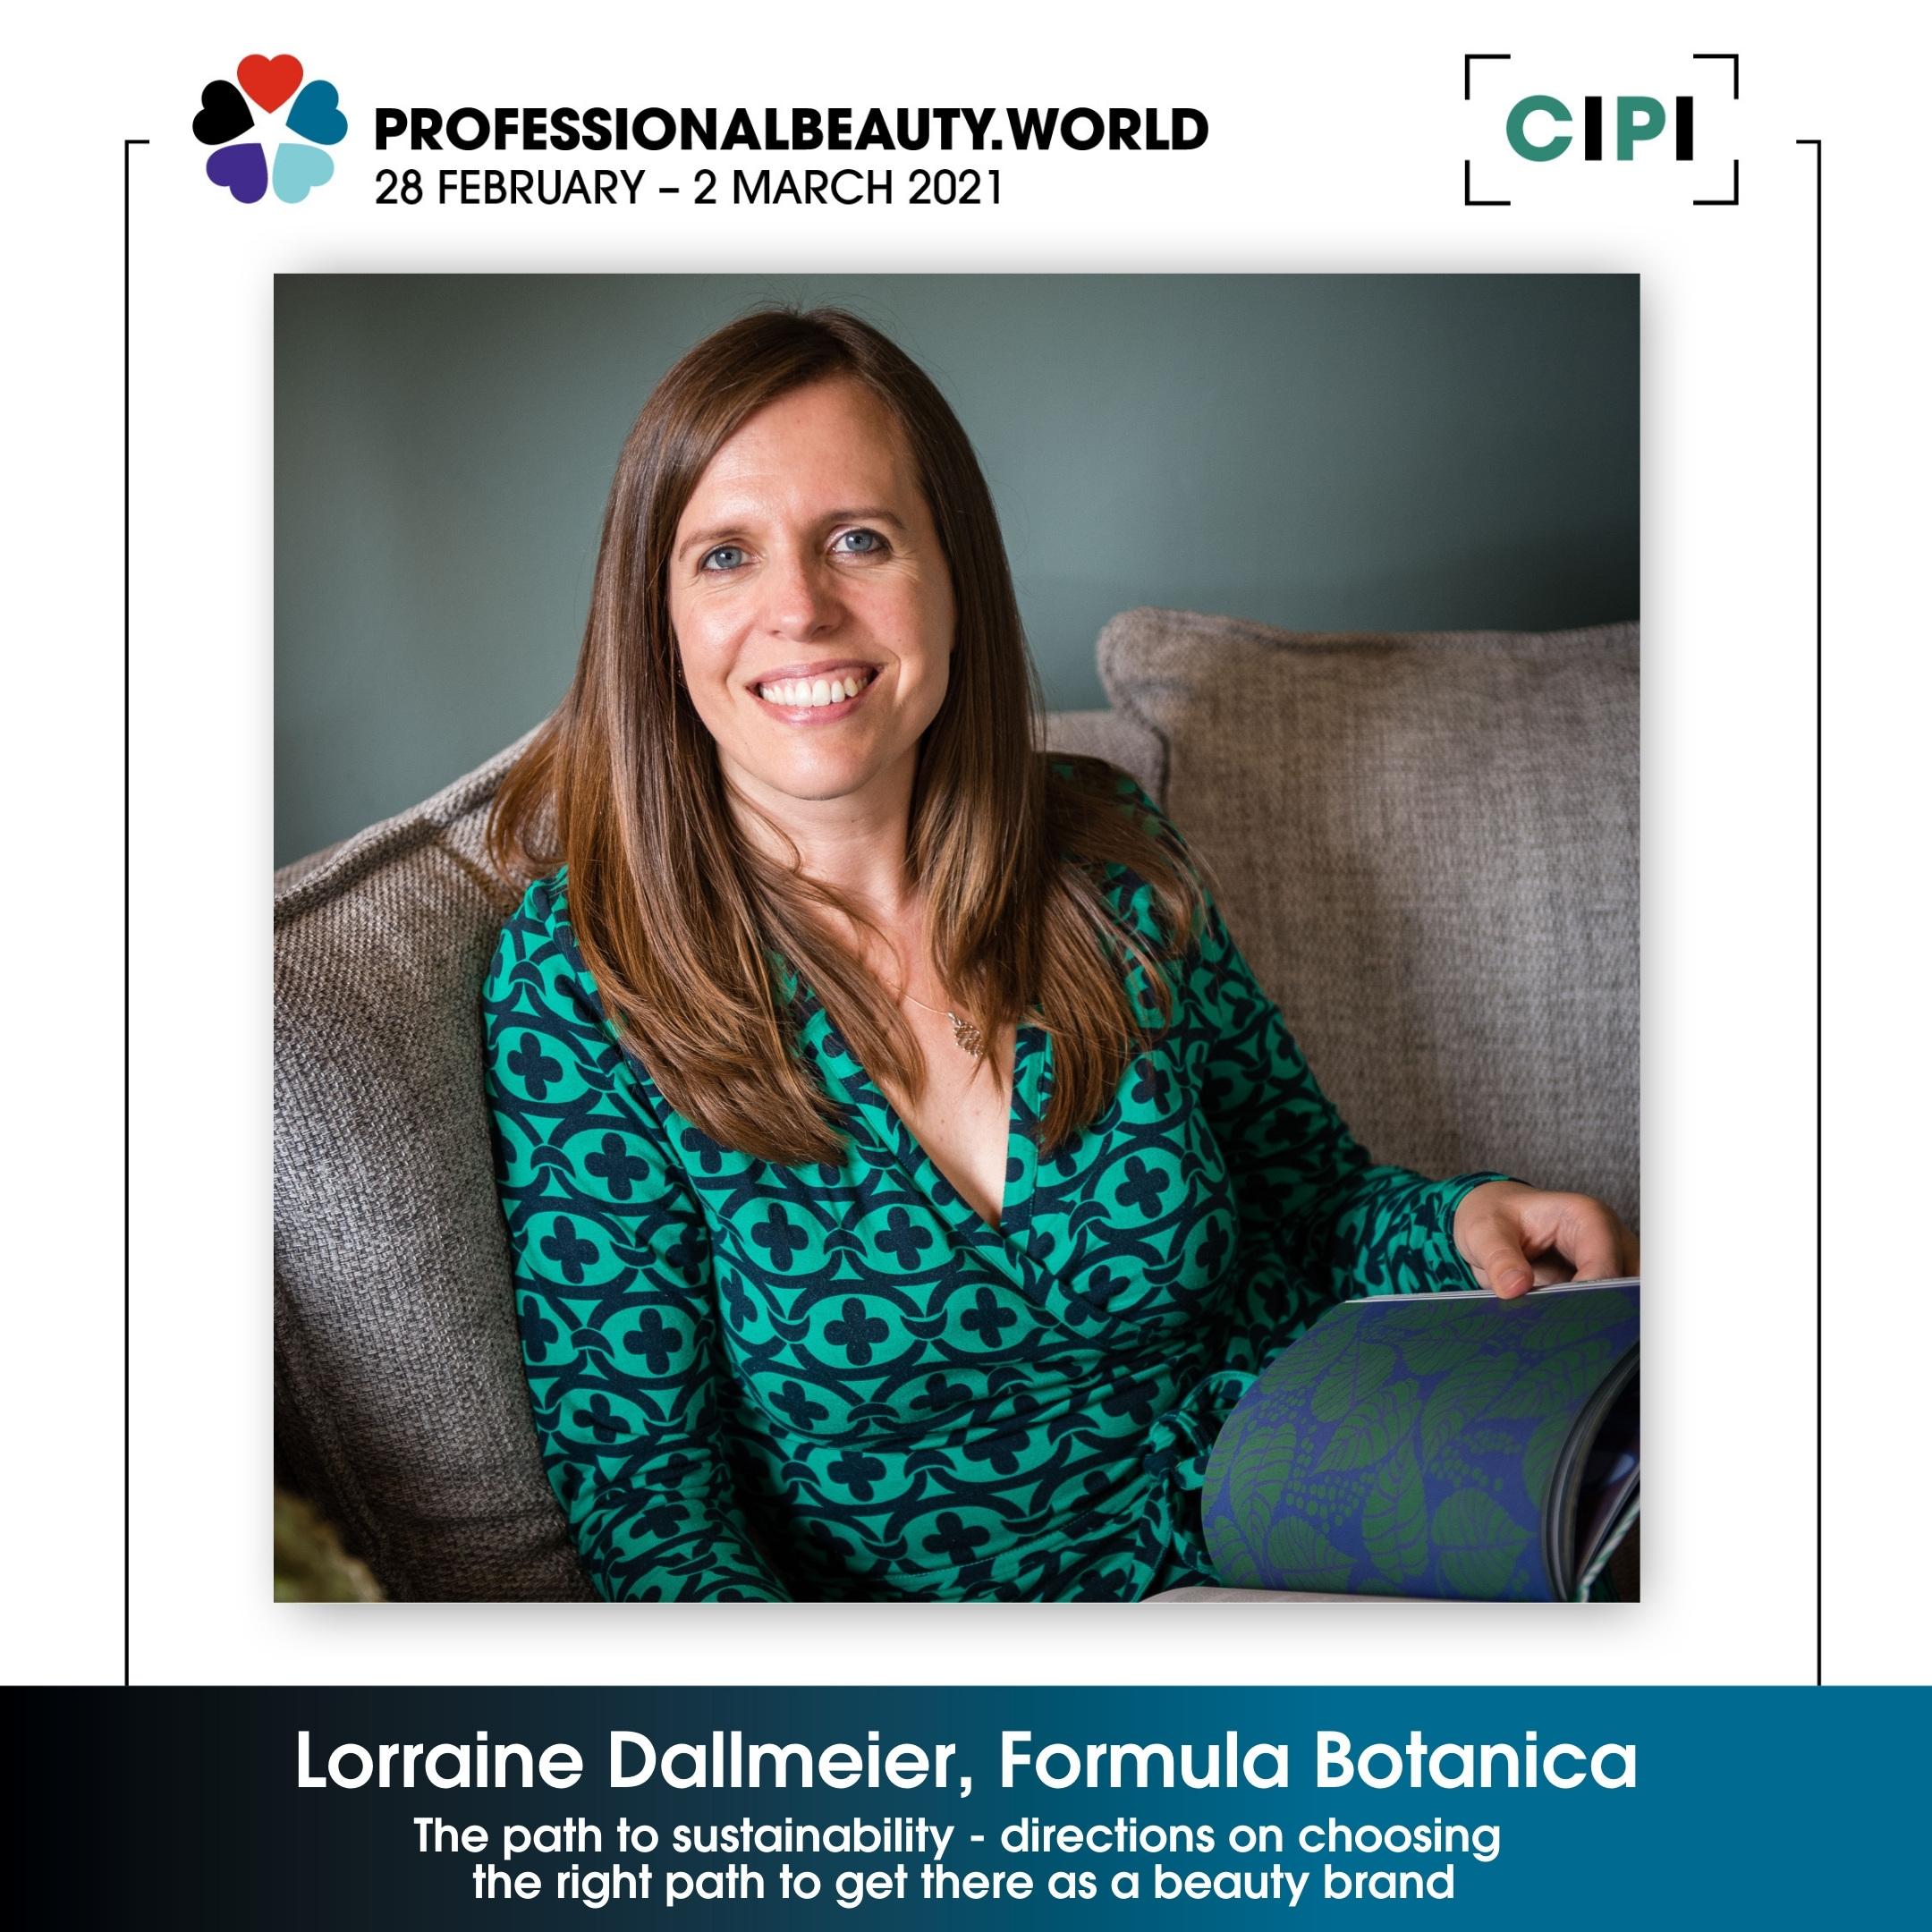 Professional Beauty World Lorraine Dallmeier